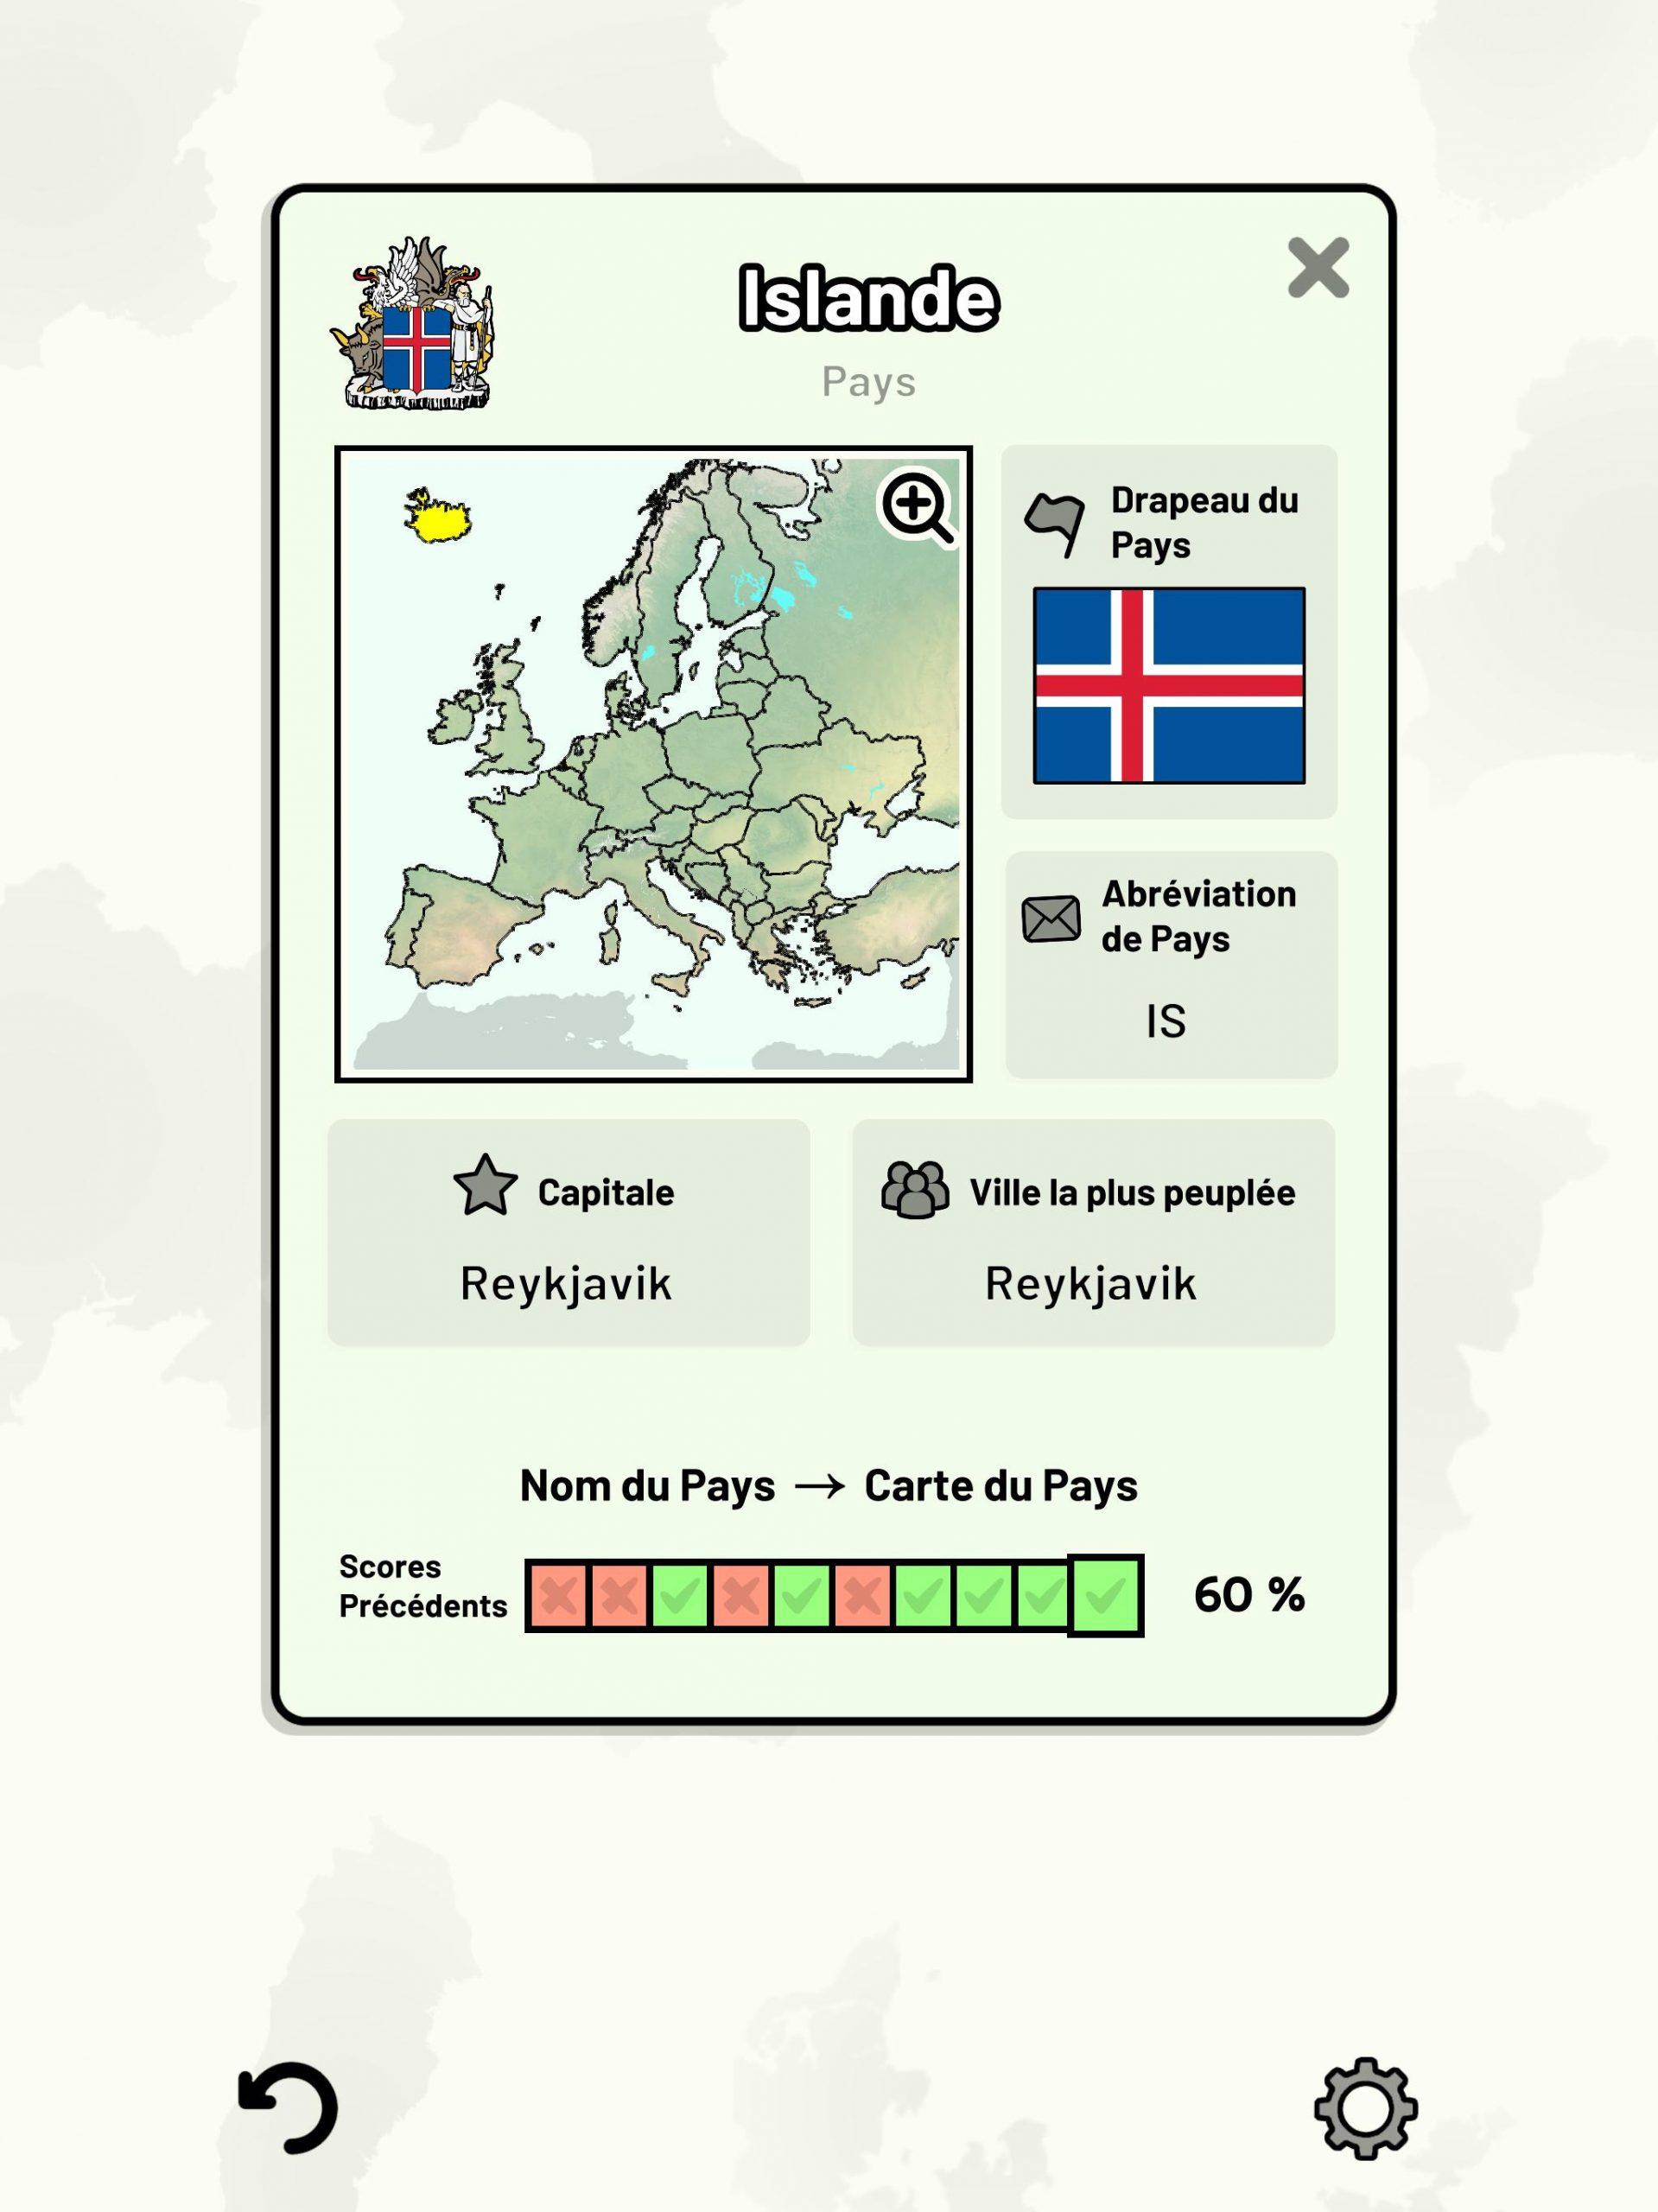 Pays D'europe - Quiz: Cartes, Capitales, Drapeaux Pour concernant Les Capitales D Europe